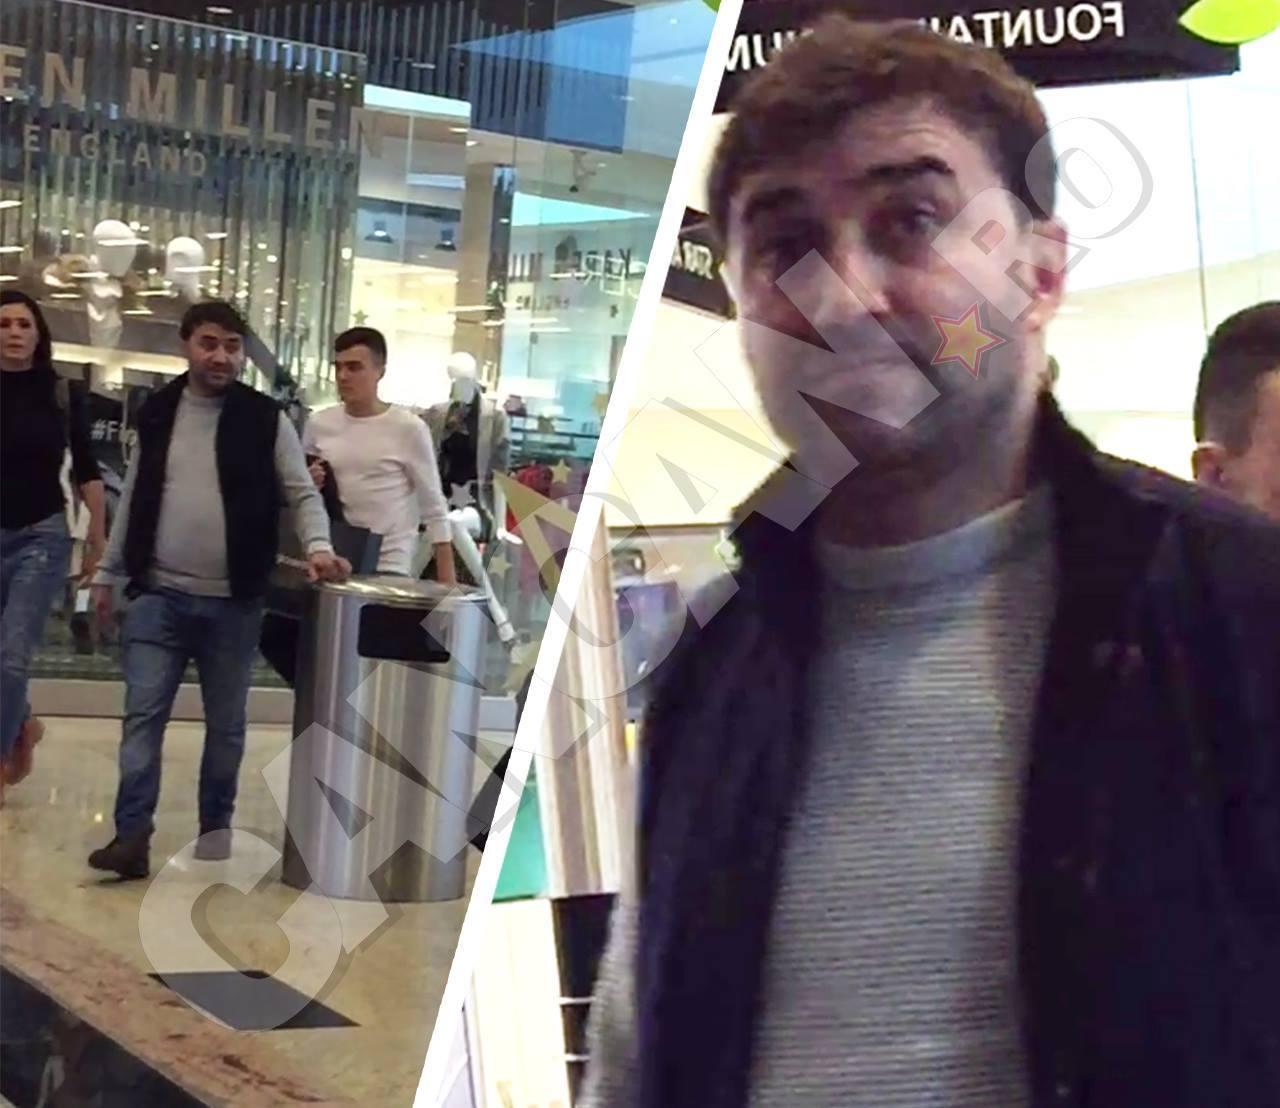 Luţu a avut un comportament asemănător cu cel al lui Gigi Becali, şeful său